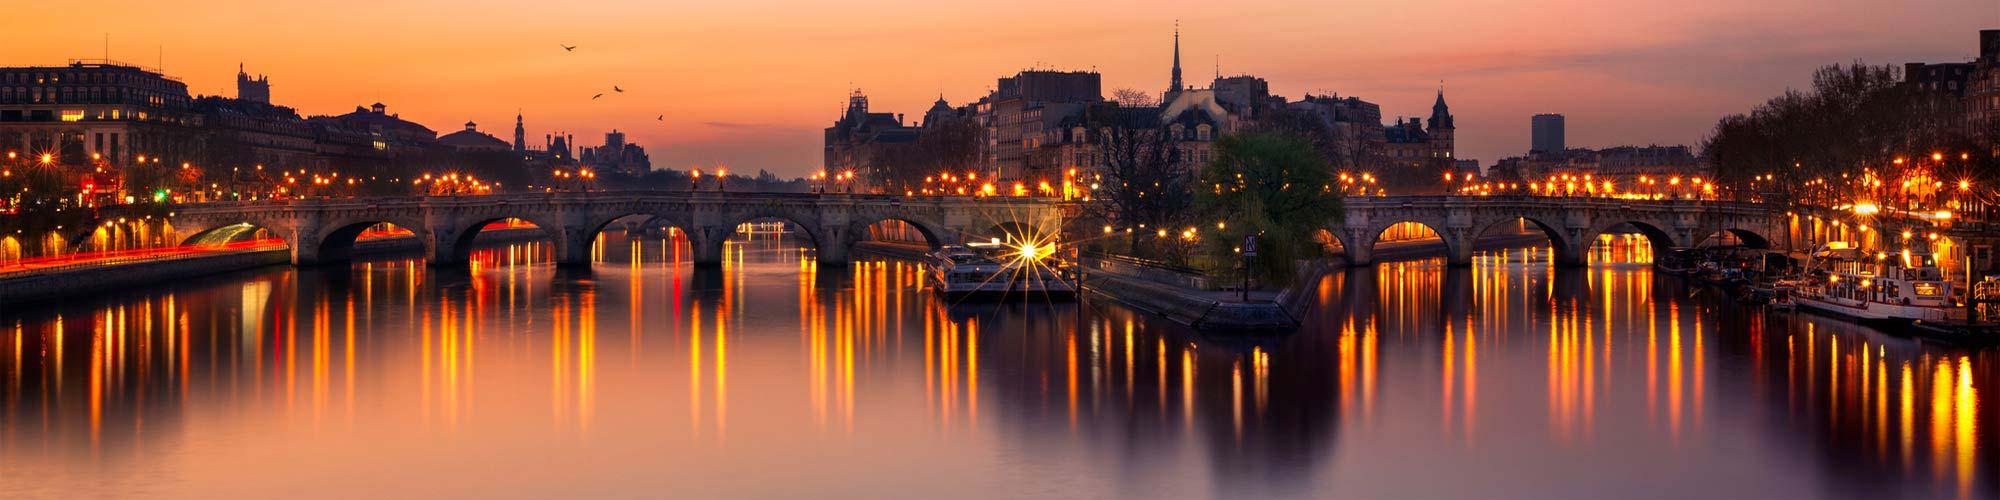 Location de bateau péniche sur la Seine